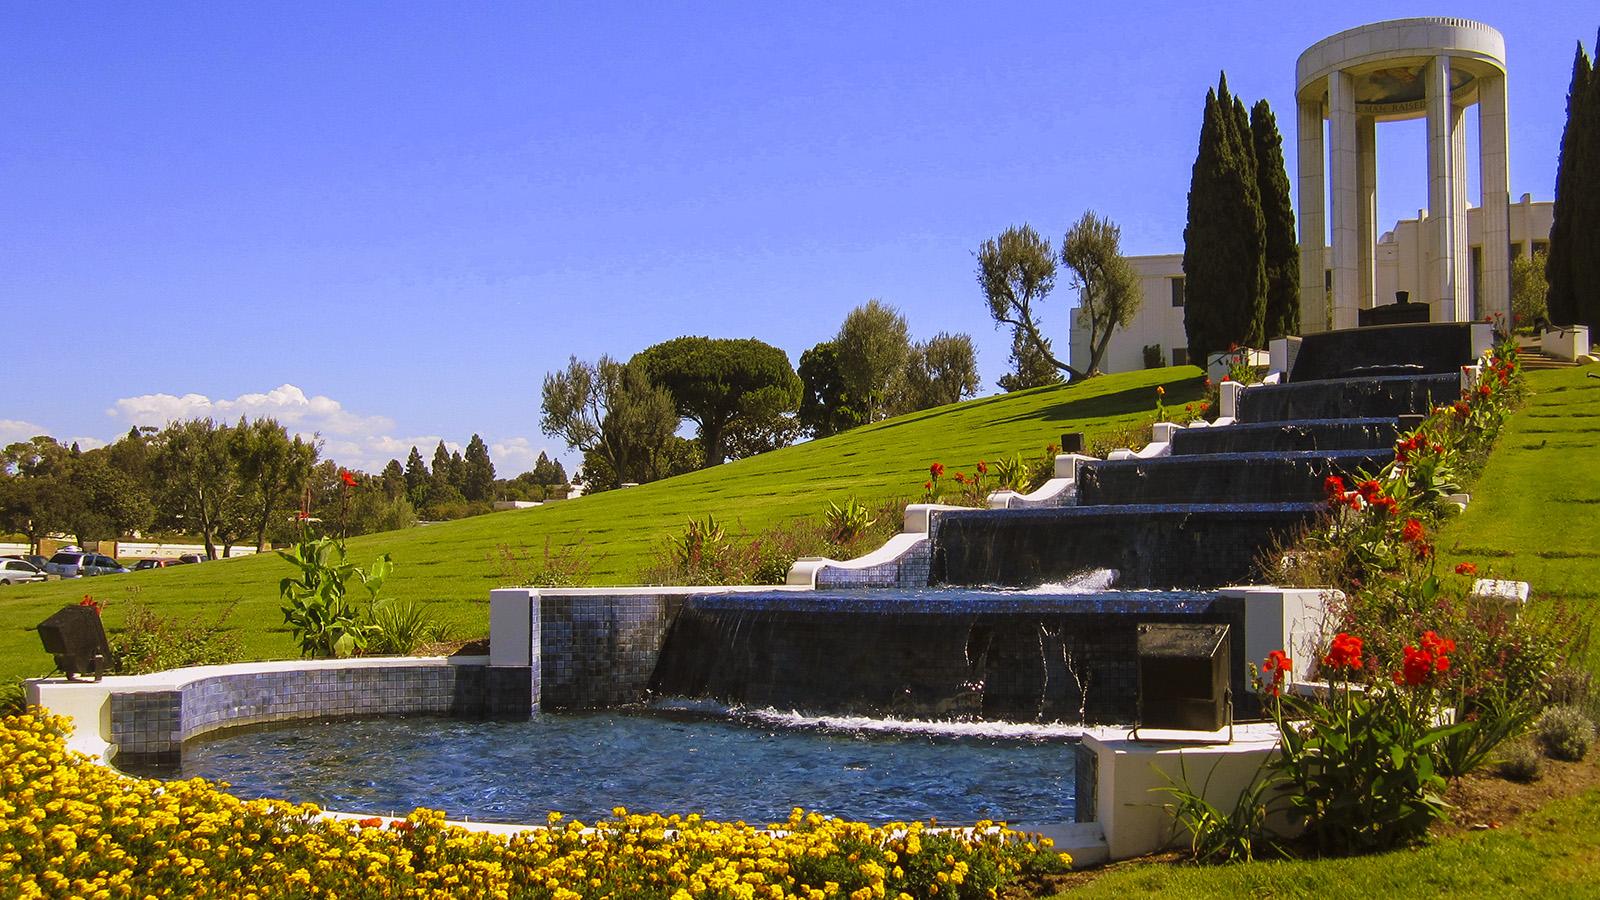 HillsideMemorialPark.jpg